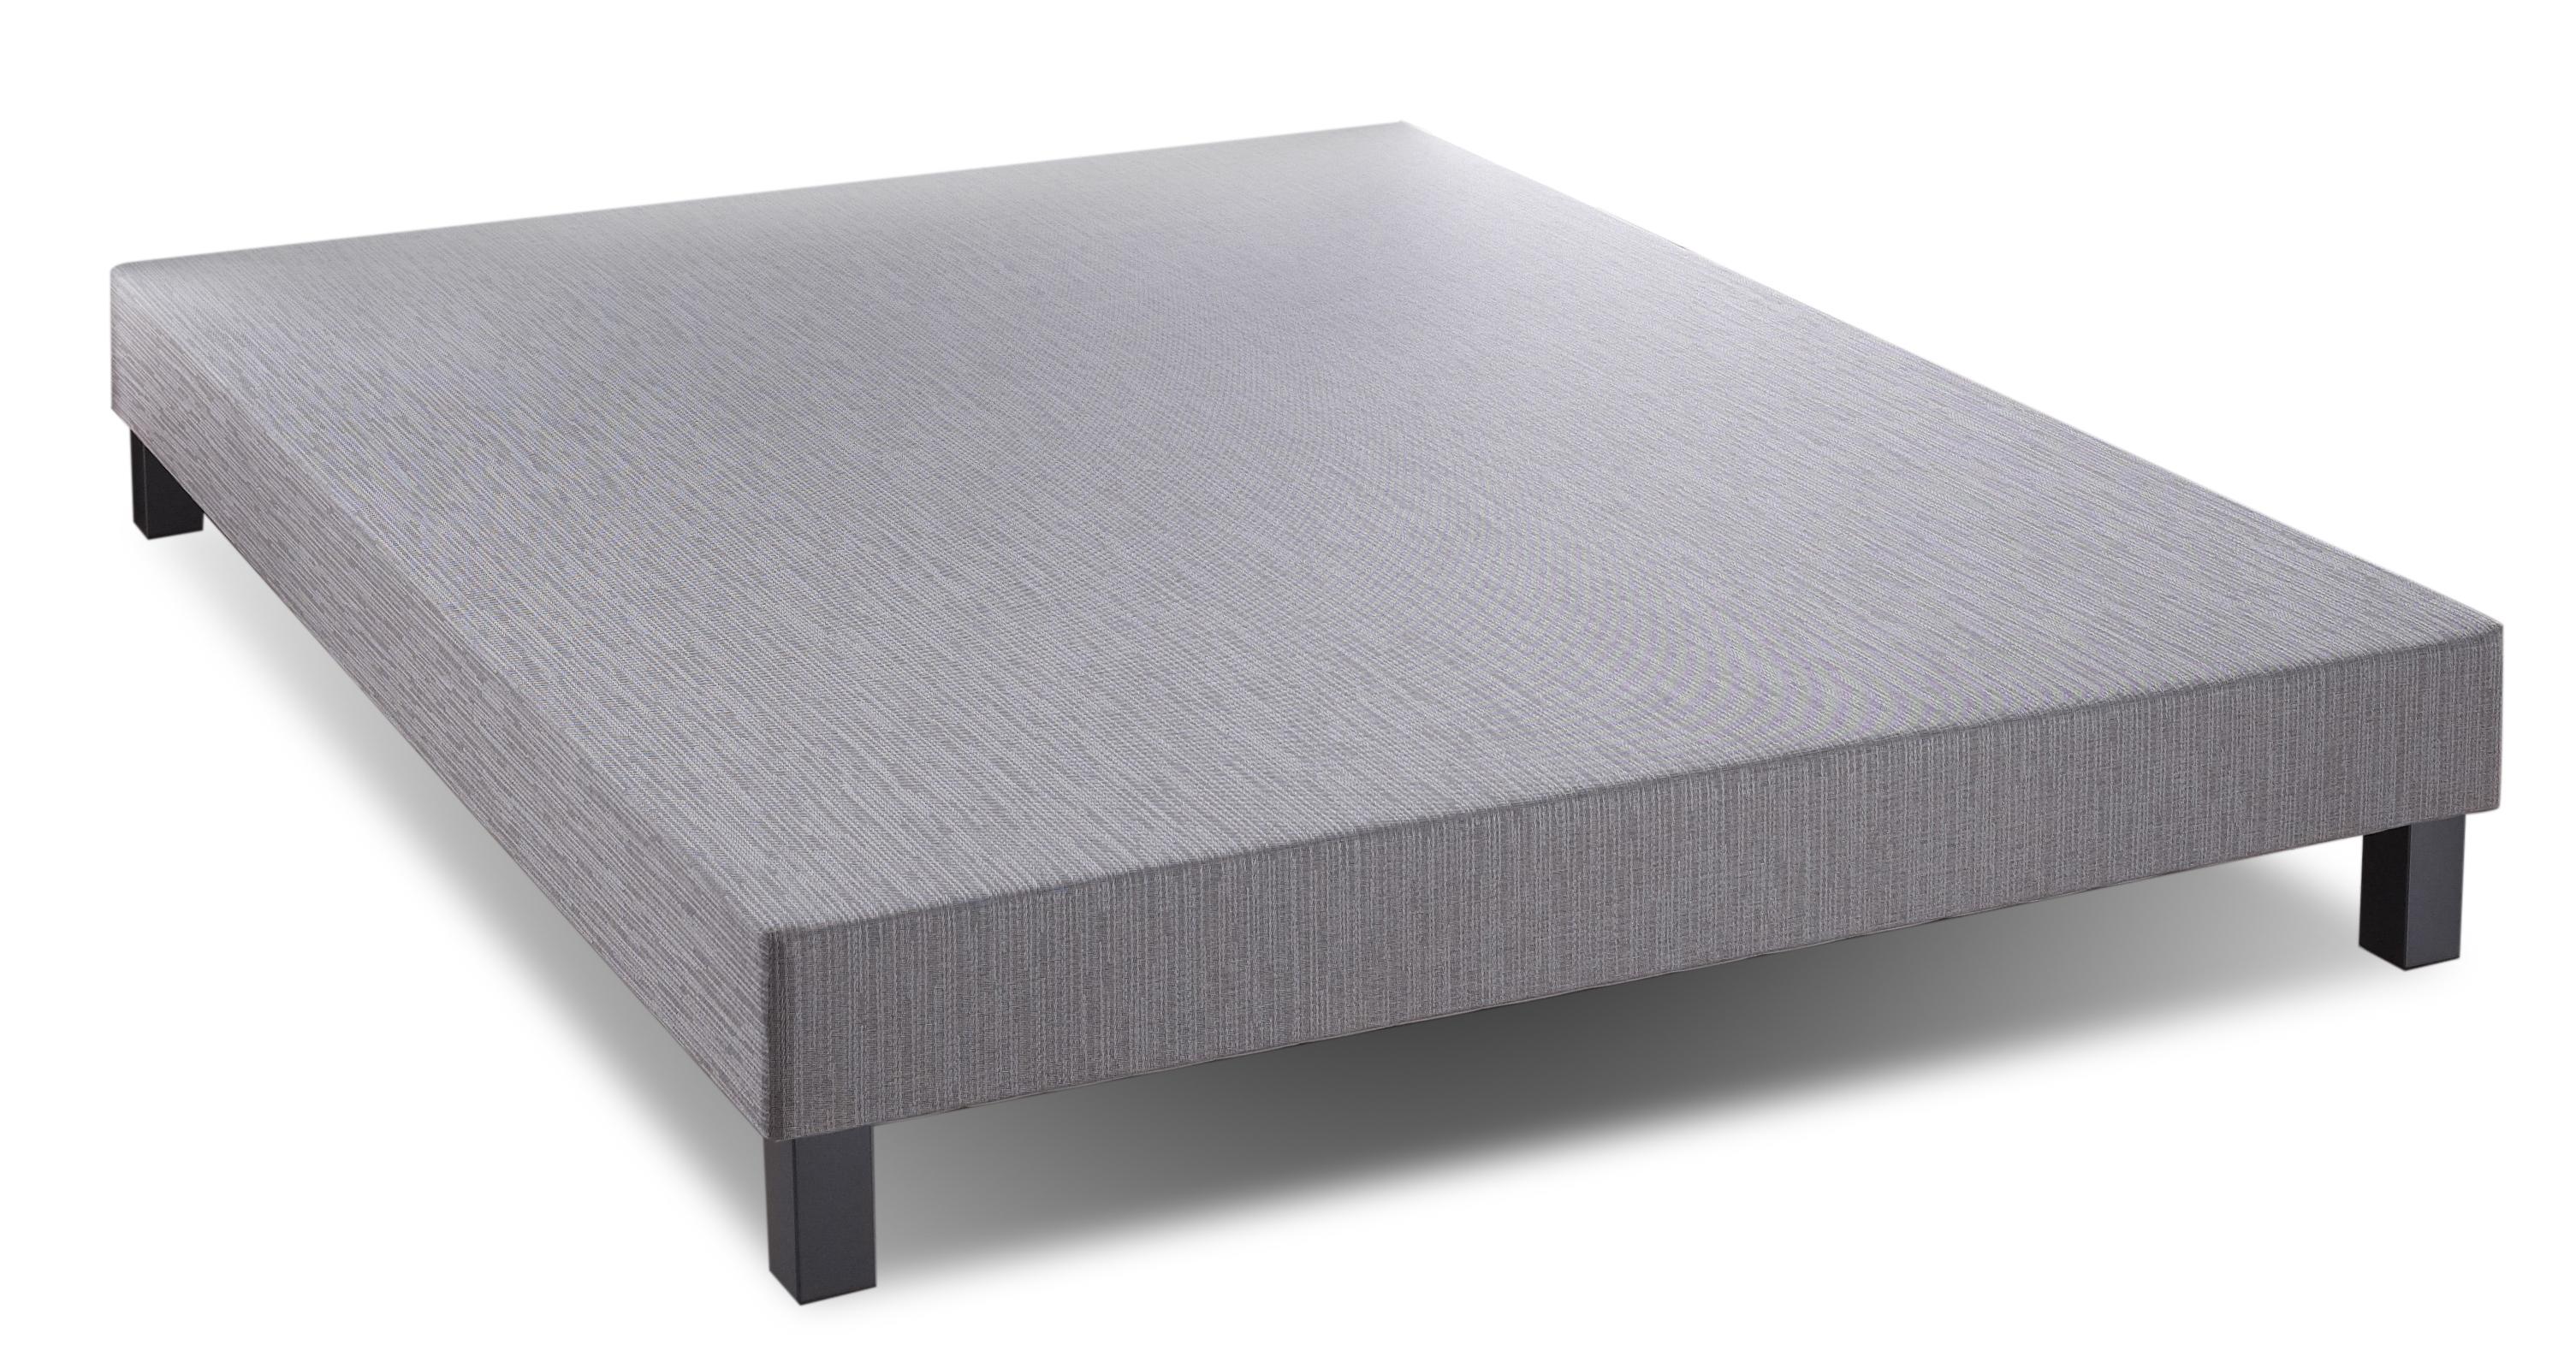 sommier tapissier gris fonc 90x200cm relaxima pieds bois gris. Black Bedroom Furniture Sets. Home Design Ideas